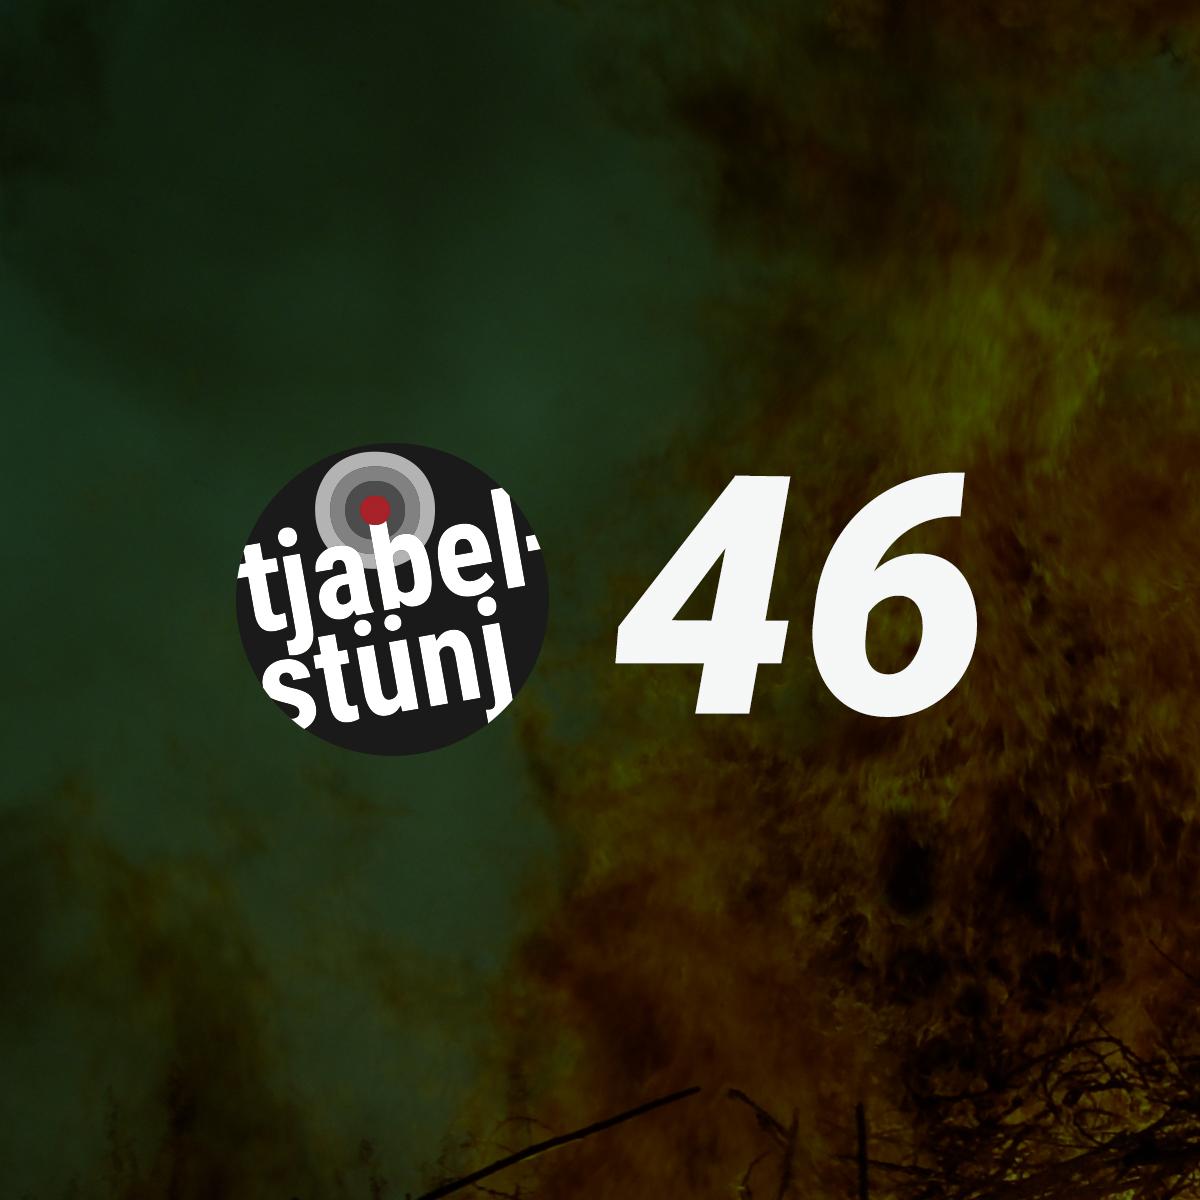 #46: en betj apokalyptisk